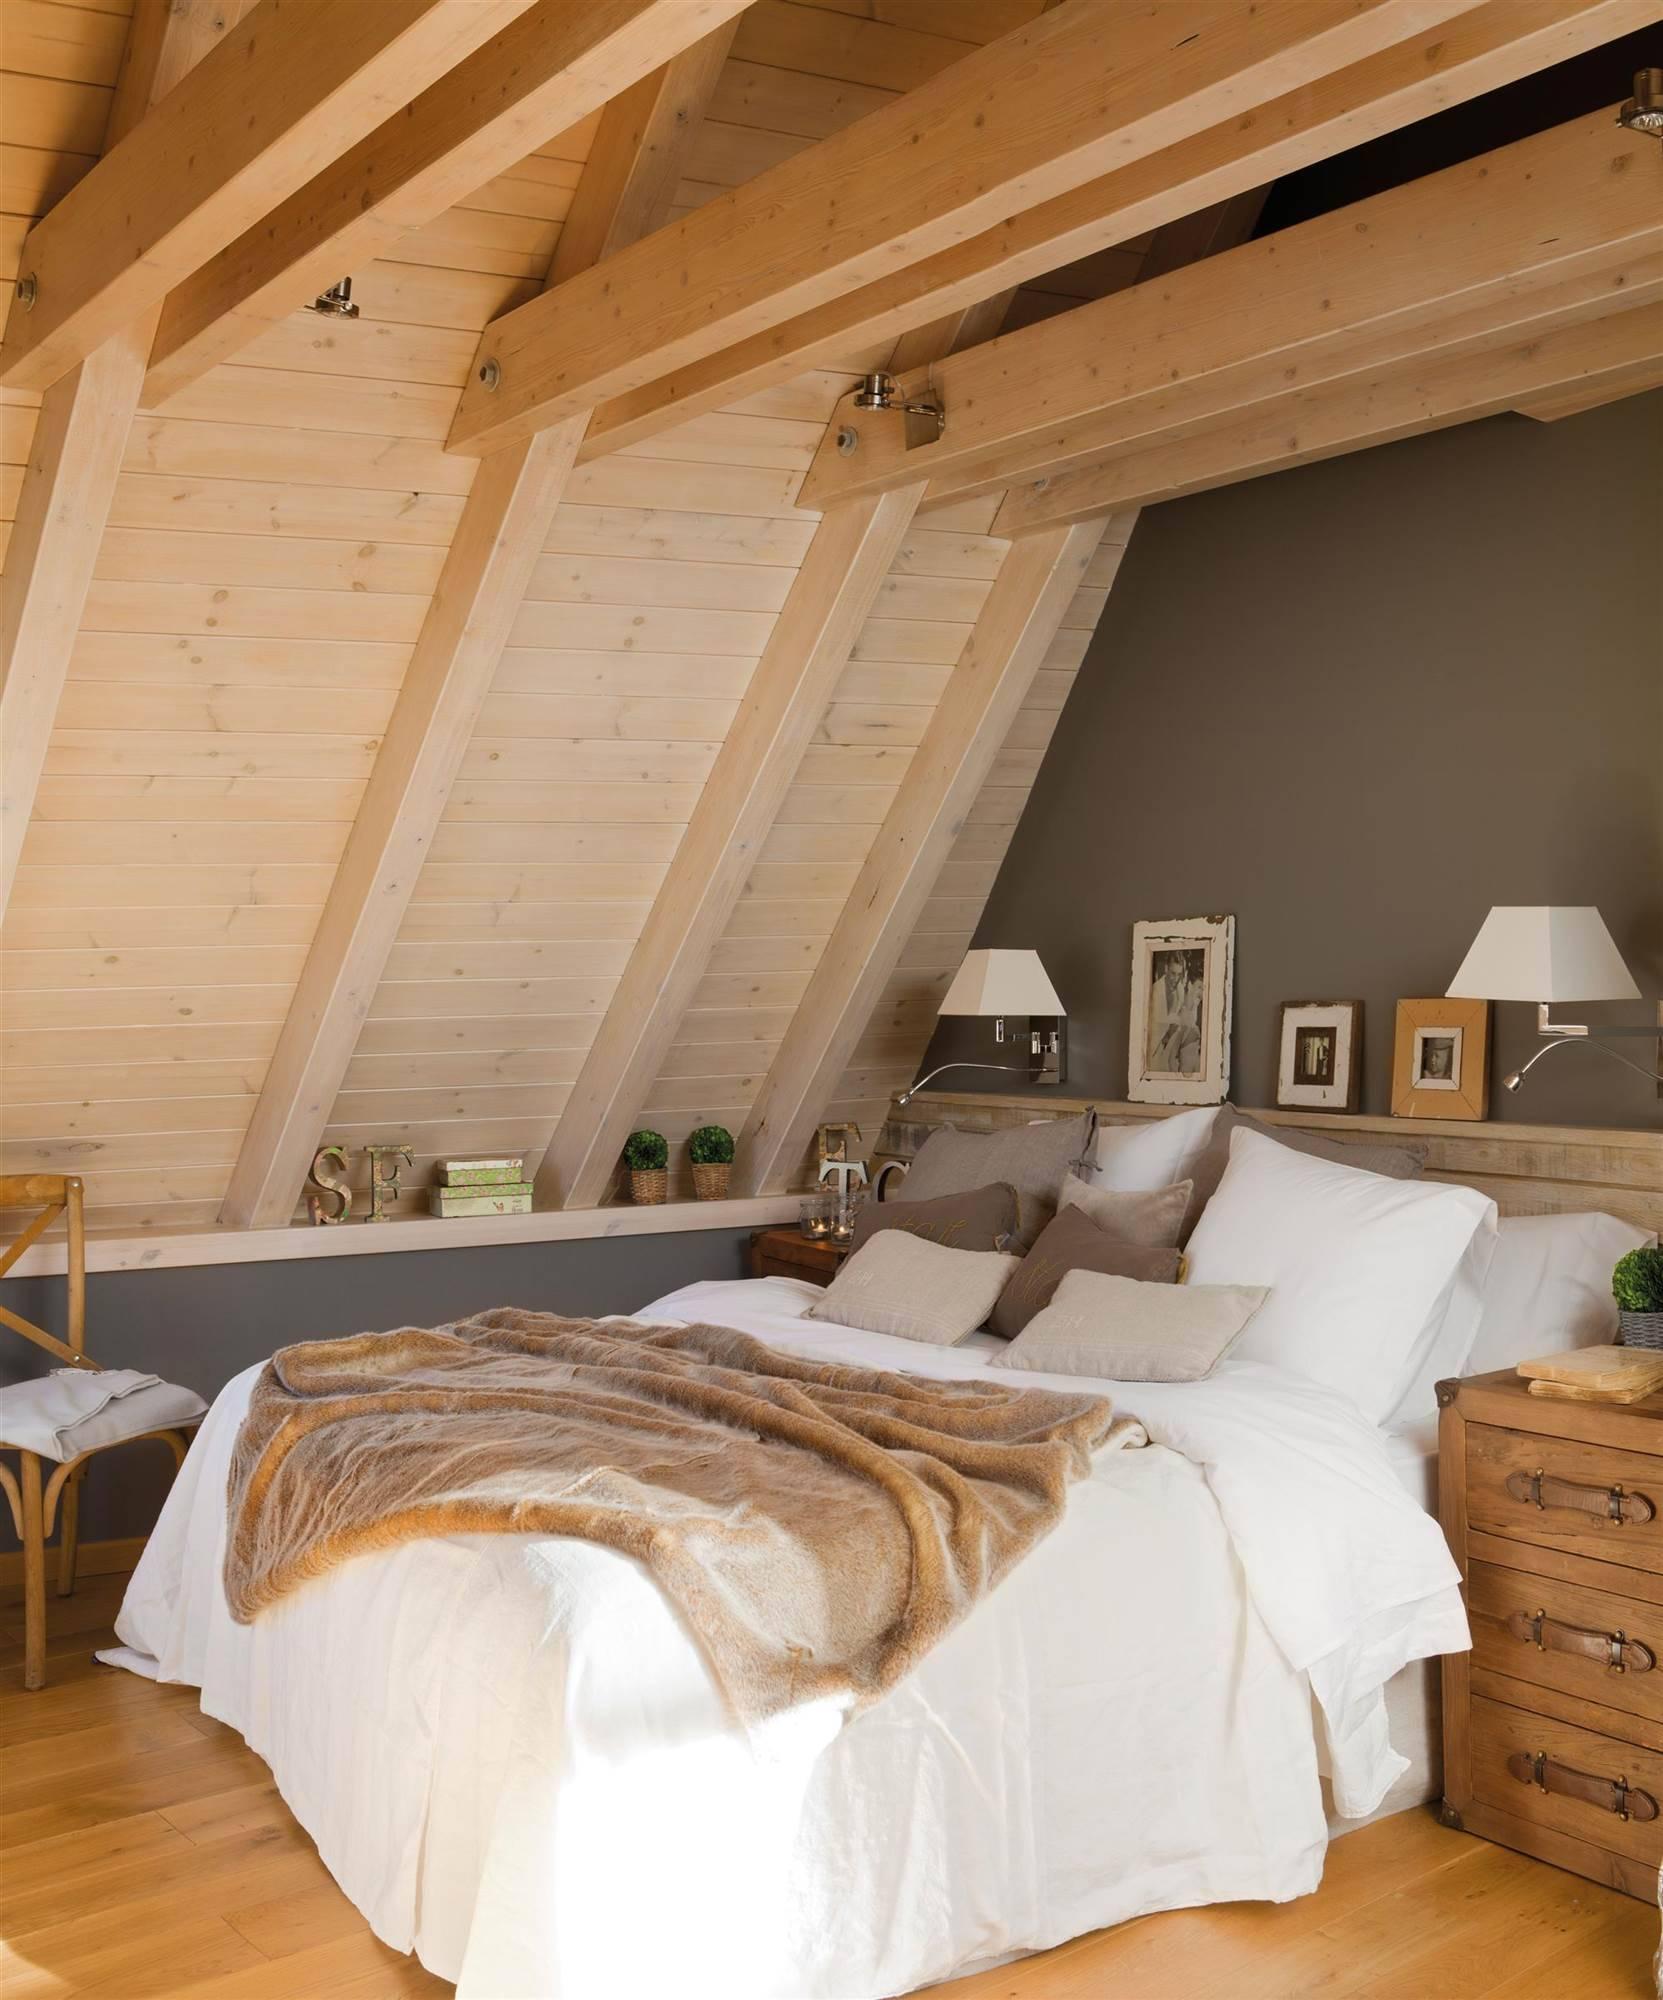 dormitorio-con-pavimento-de-tarima-maciza-de-madera-de-roble-y-techo-de-madera-de-pino 108fbd32 1663x2000. El romanticismo del gris y la madera